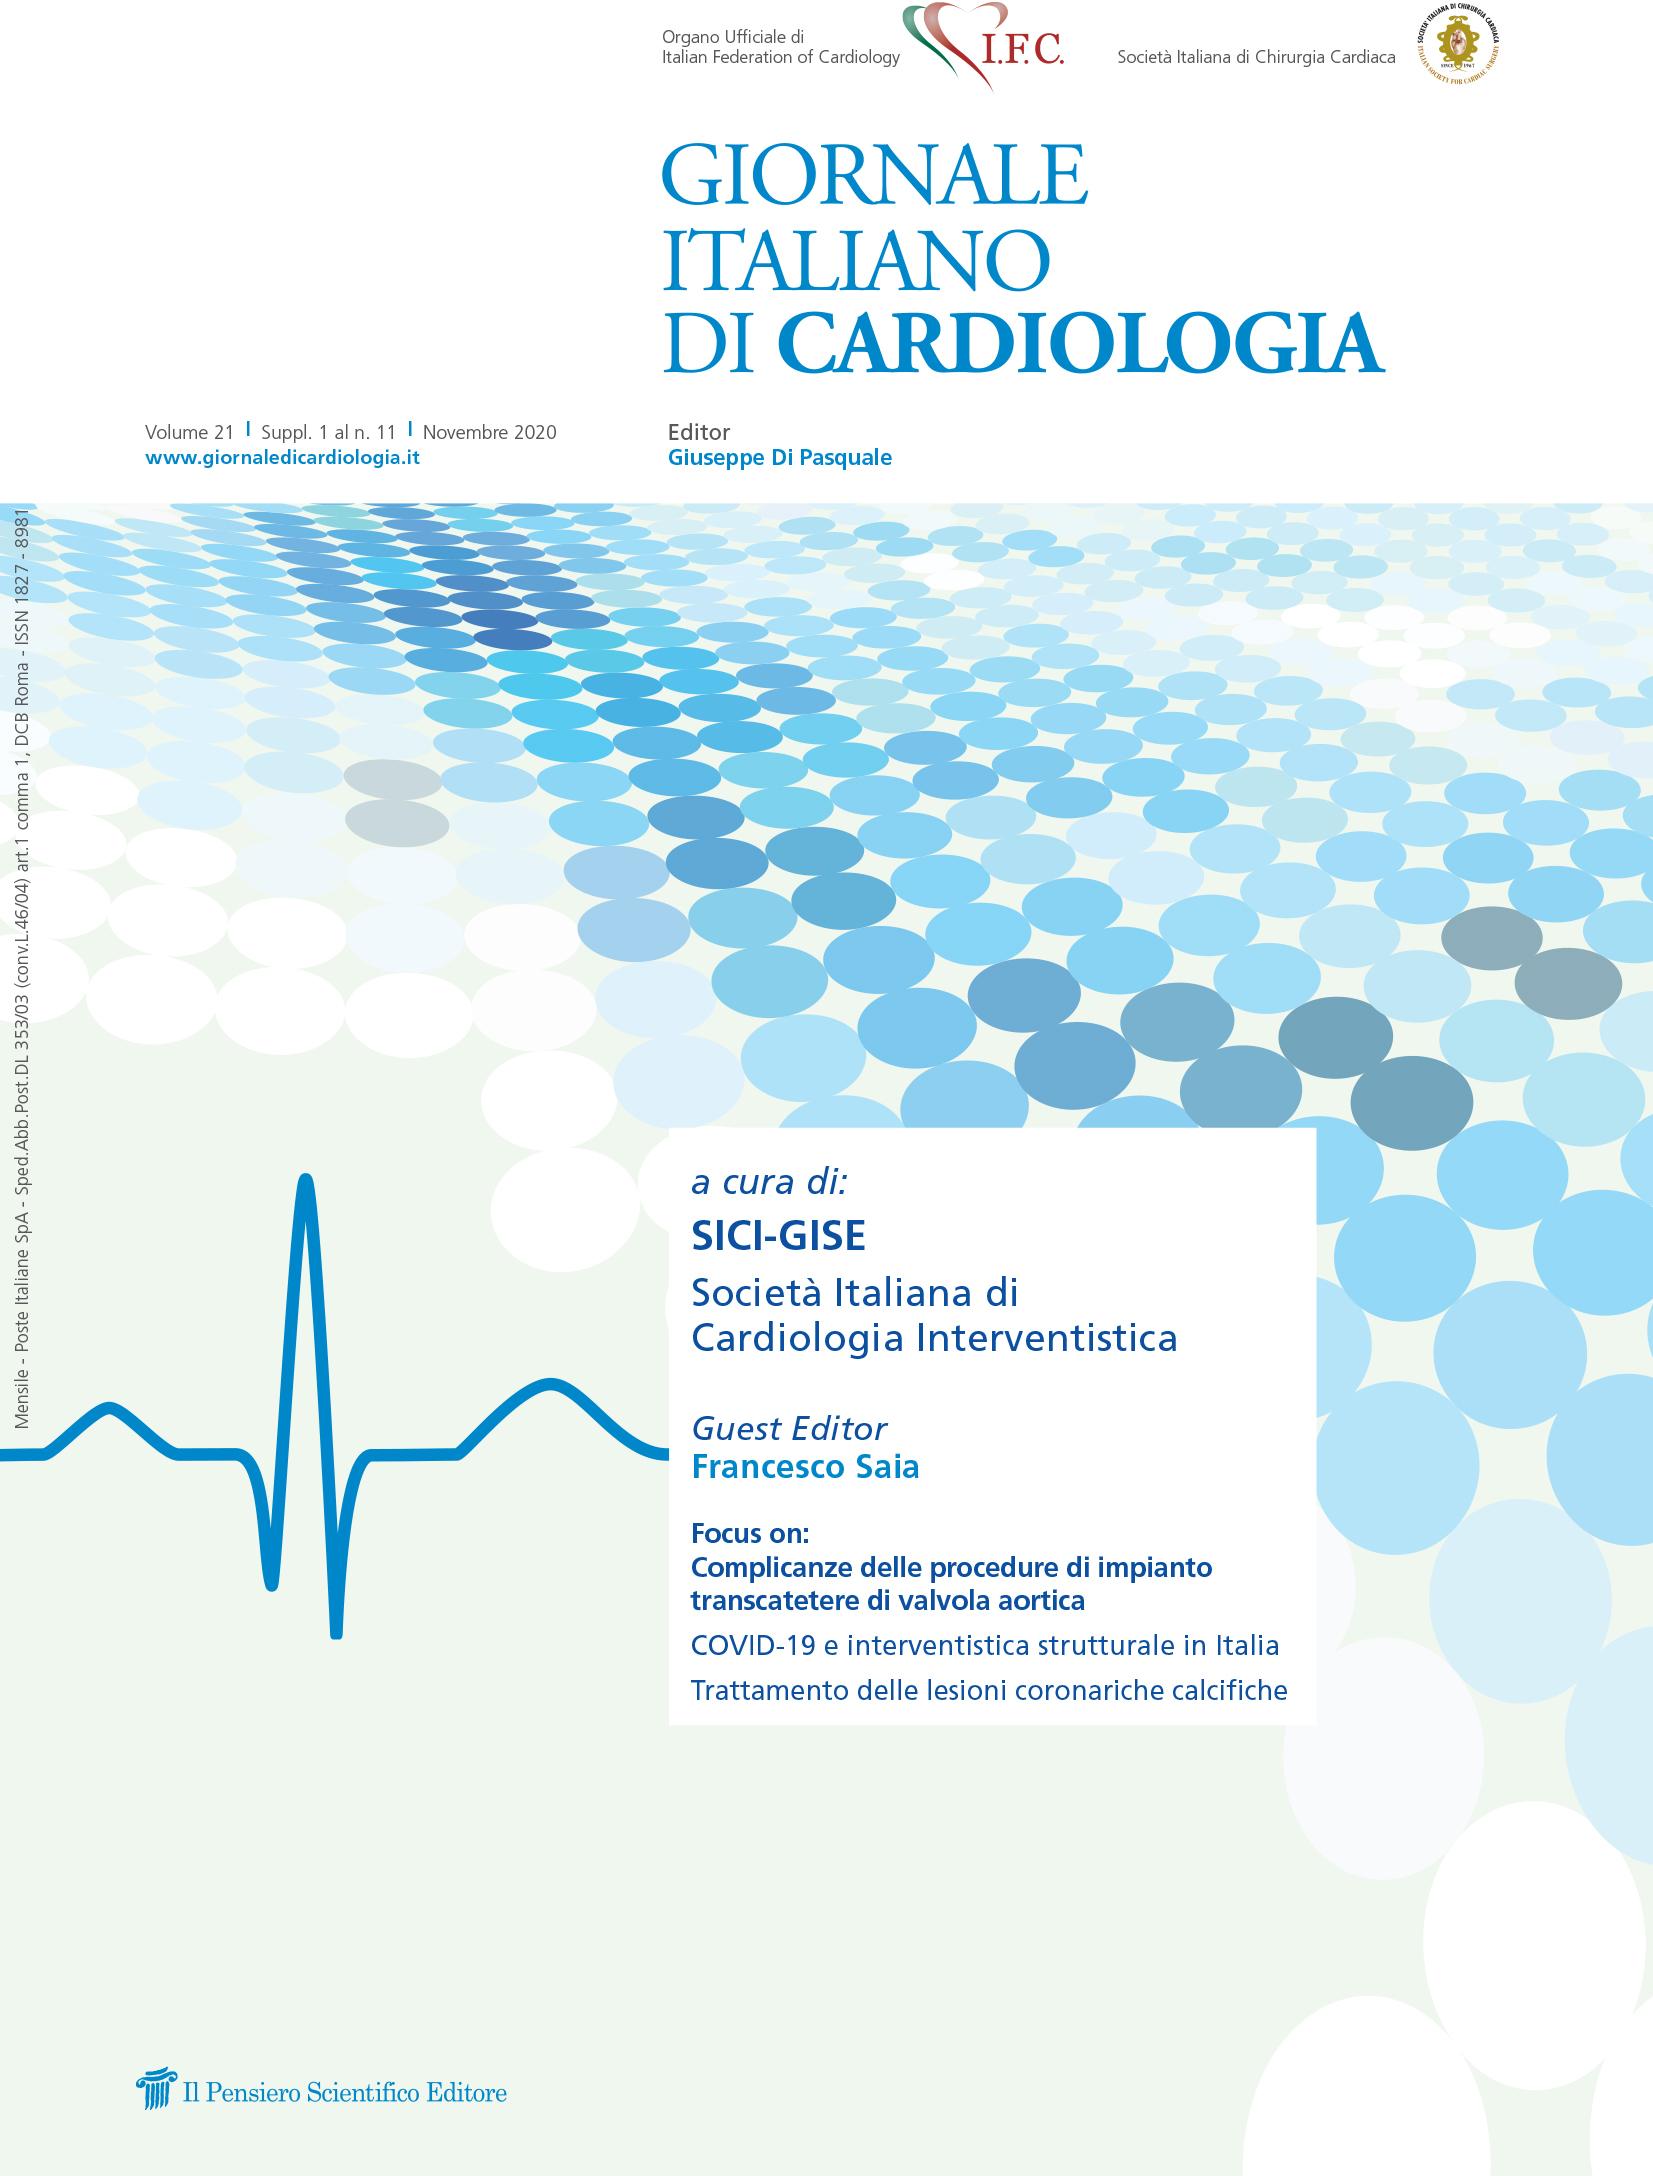 2020 Vol. 21 Suppl. 1 al N. 11 Novembrea cura di: SICI-GISE Società Italiana di Cardiologia Interventistica